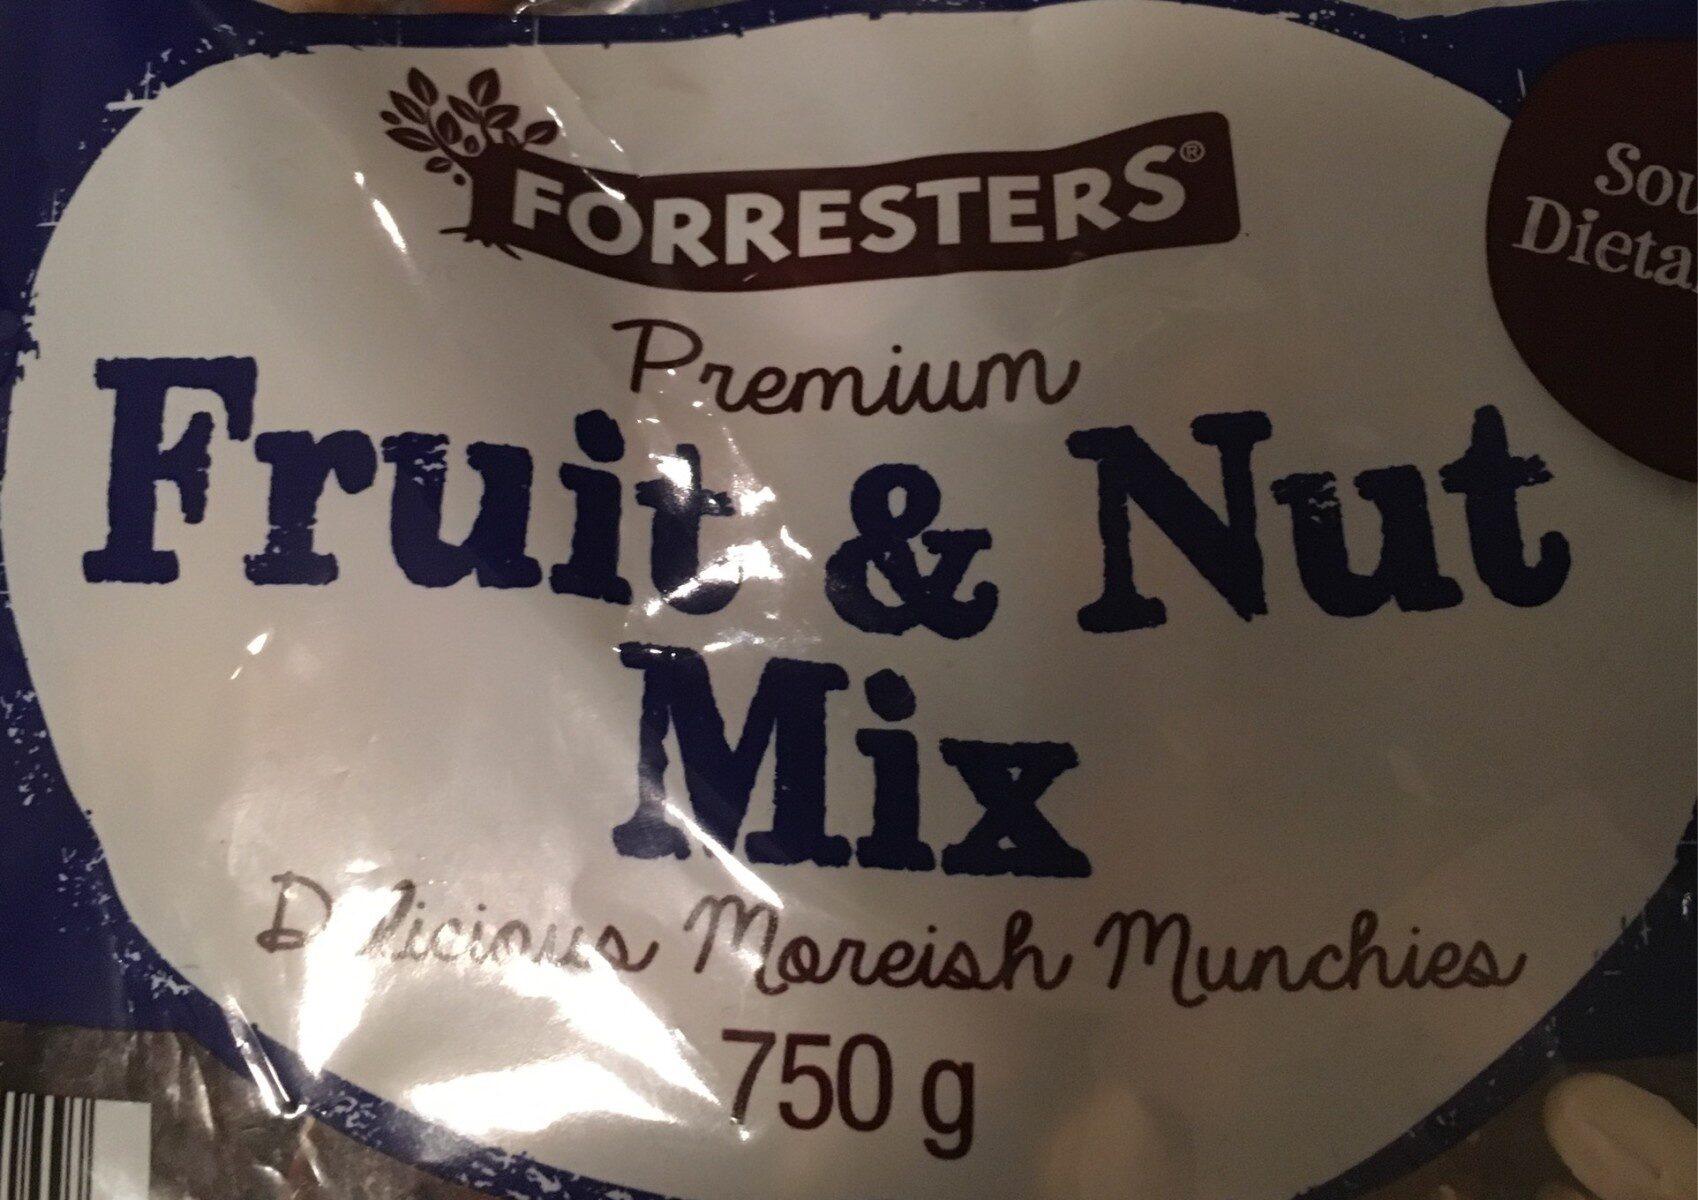 Fruit & Nut Mix - Product - en